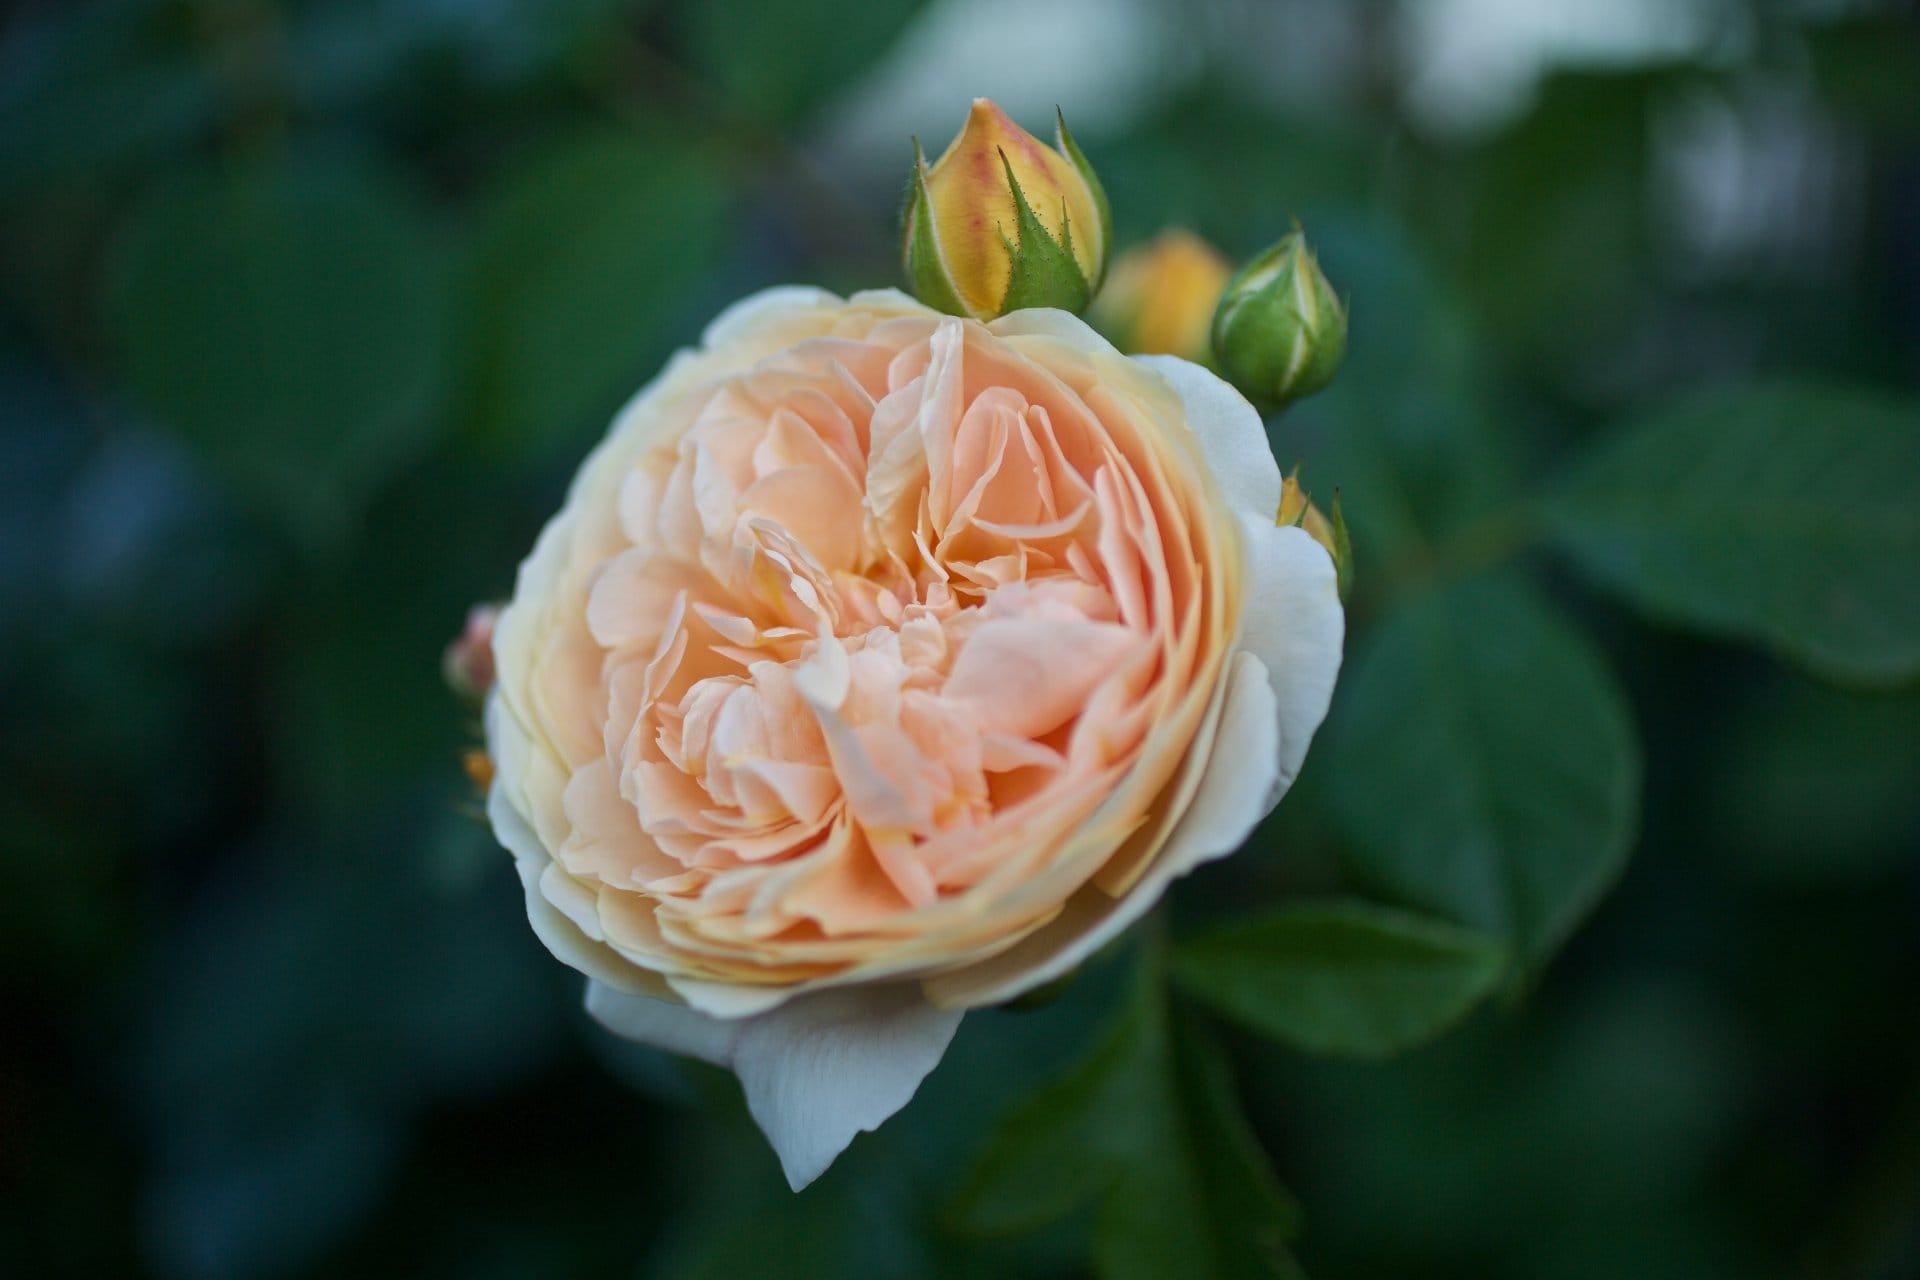 2015 06 07 flowervariety 7